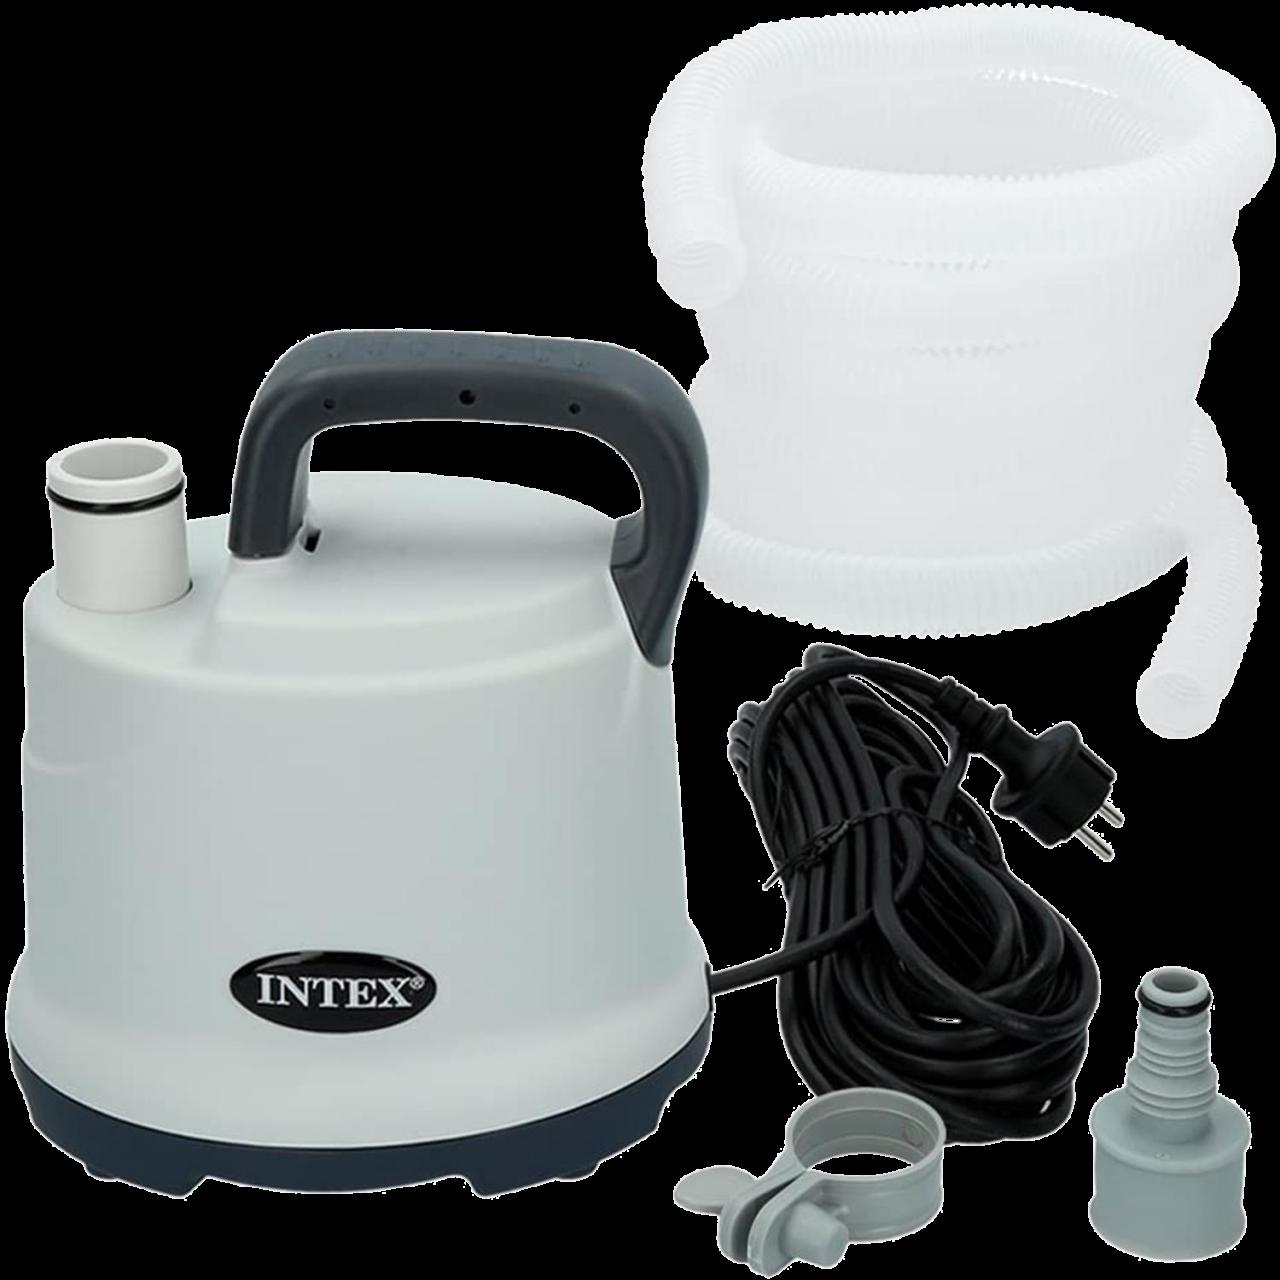 Intex 28606 Pool Tauchpumpe für Pool-Entleerung mit Schlauch 3.595 l/h Pumpe